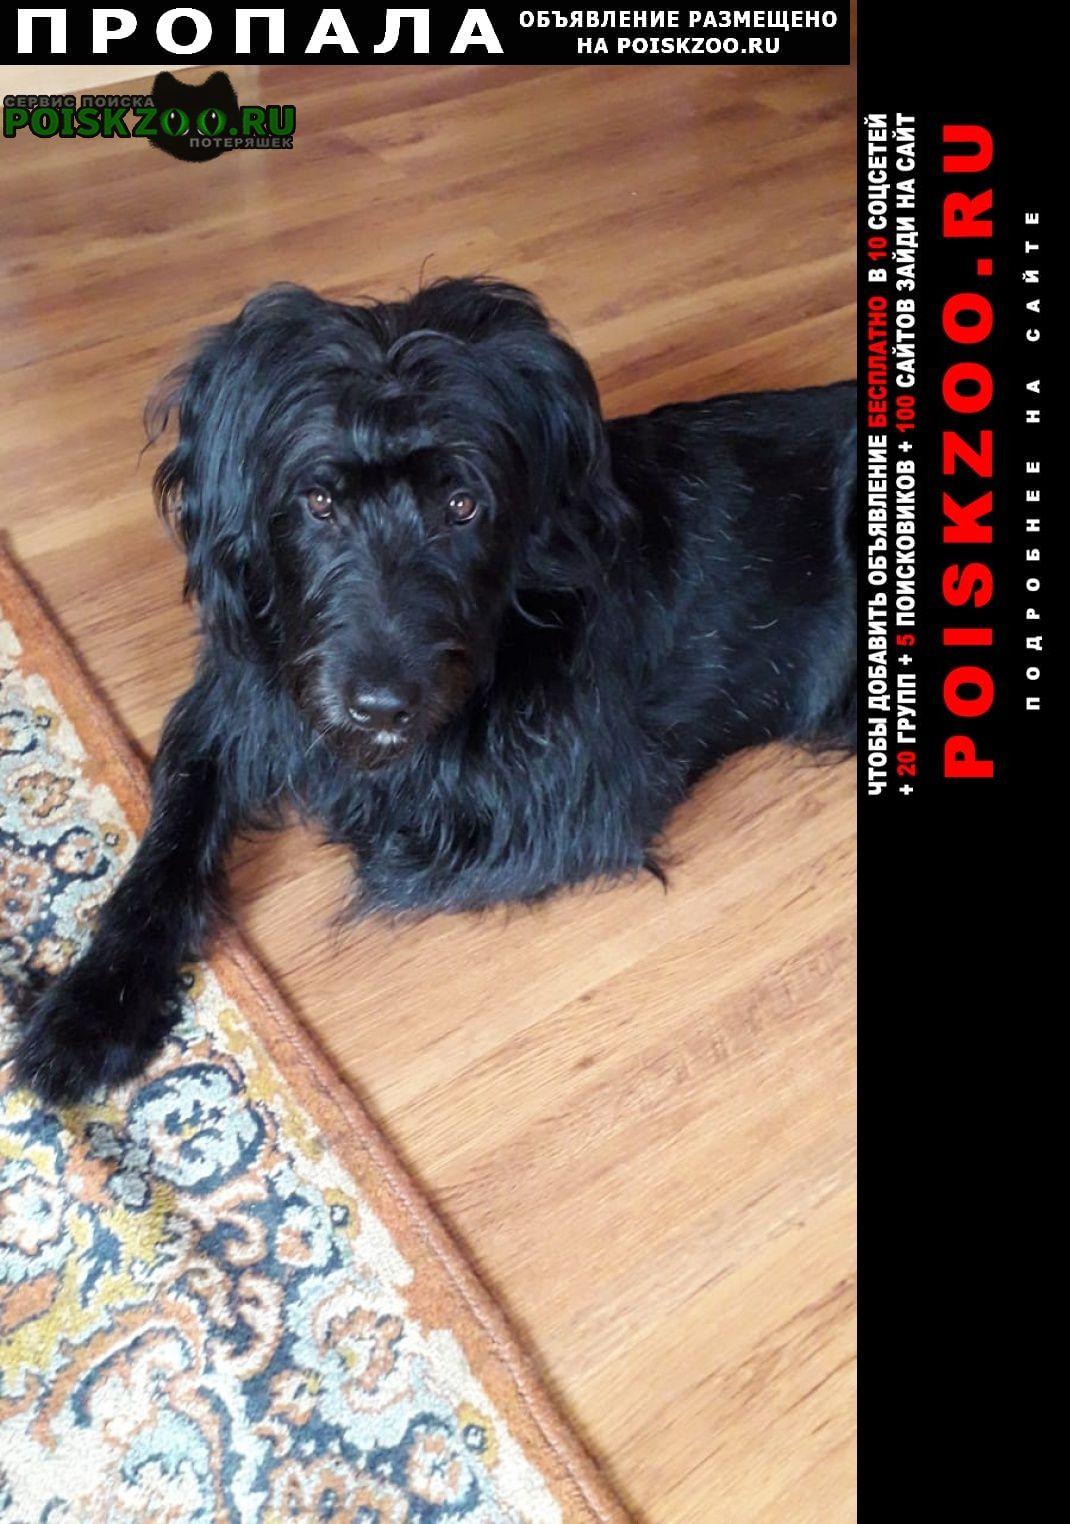 Пропала собака кобель ризеншнауцер Екатеринбург